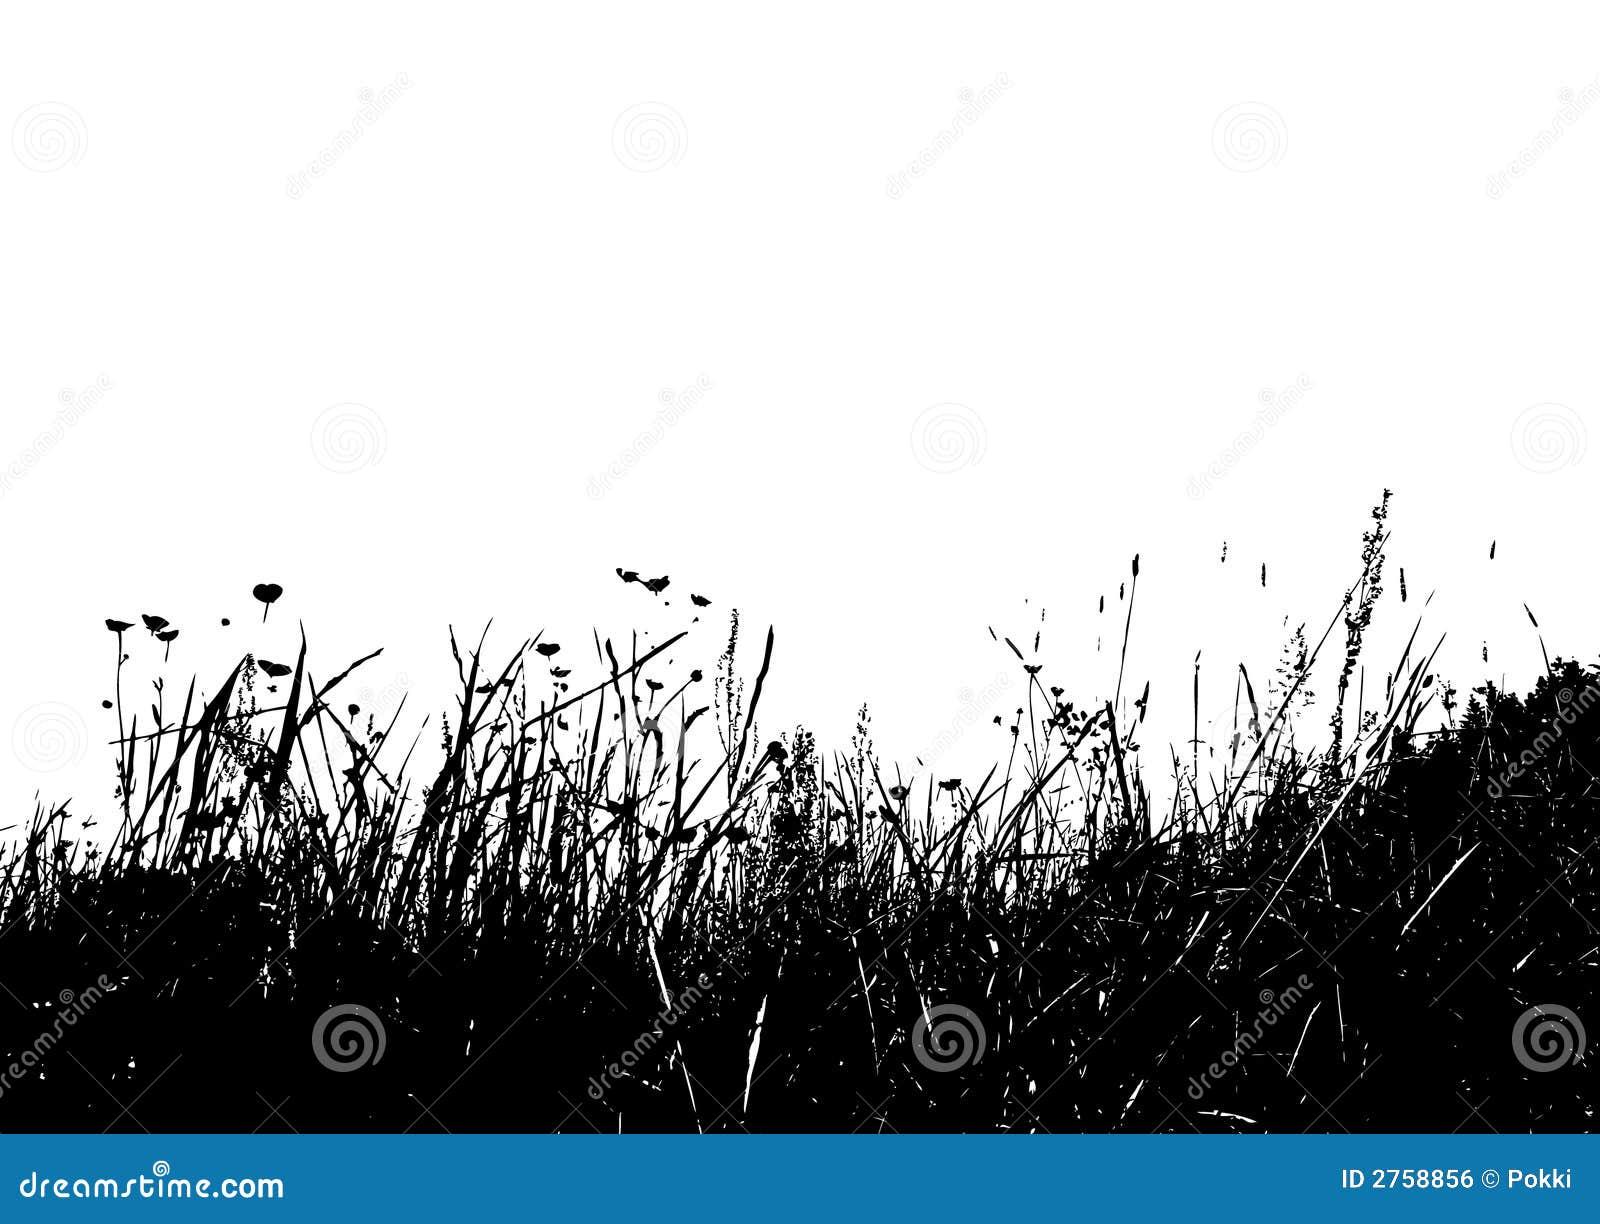 Grass Outline Vector Vector grass